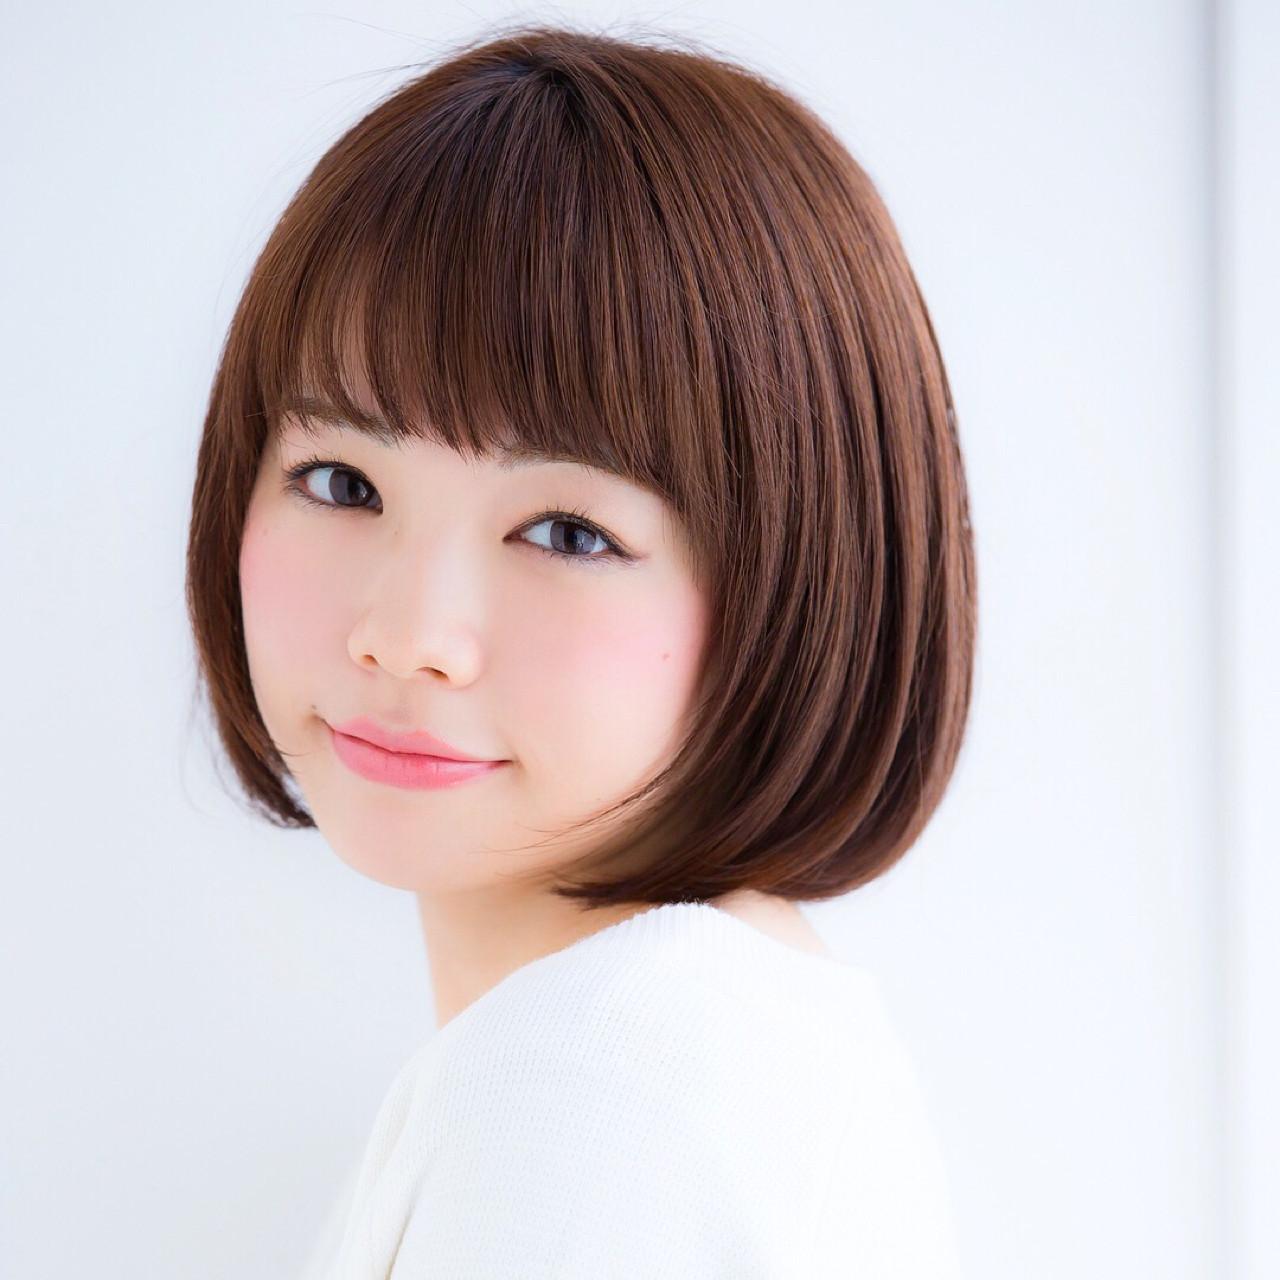 ヘアアレンジ ボブ 色気 大人女子 ヘアスタイルや髪型の写真・画像